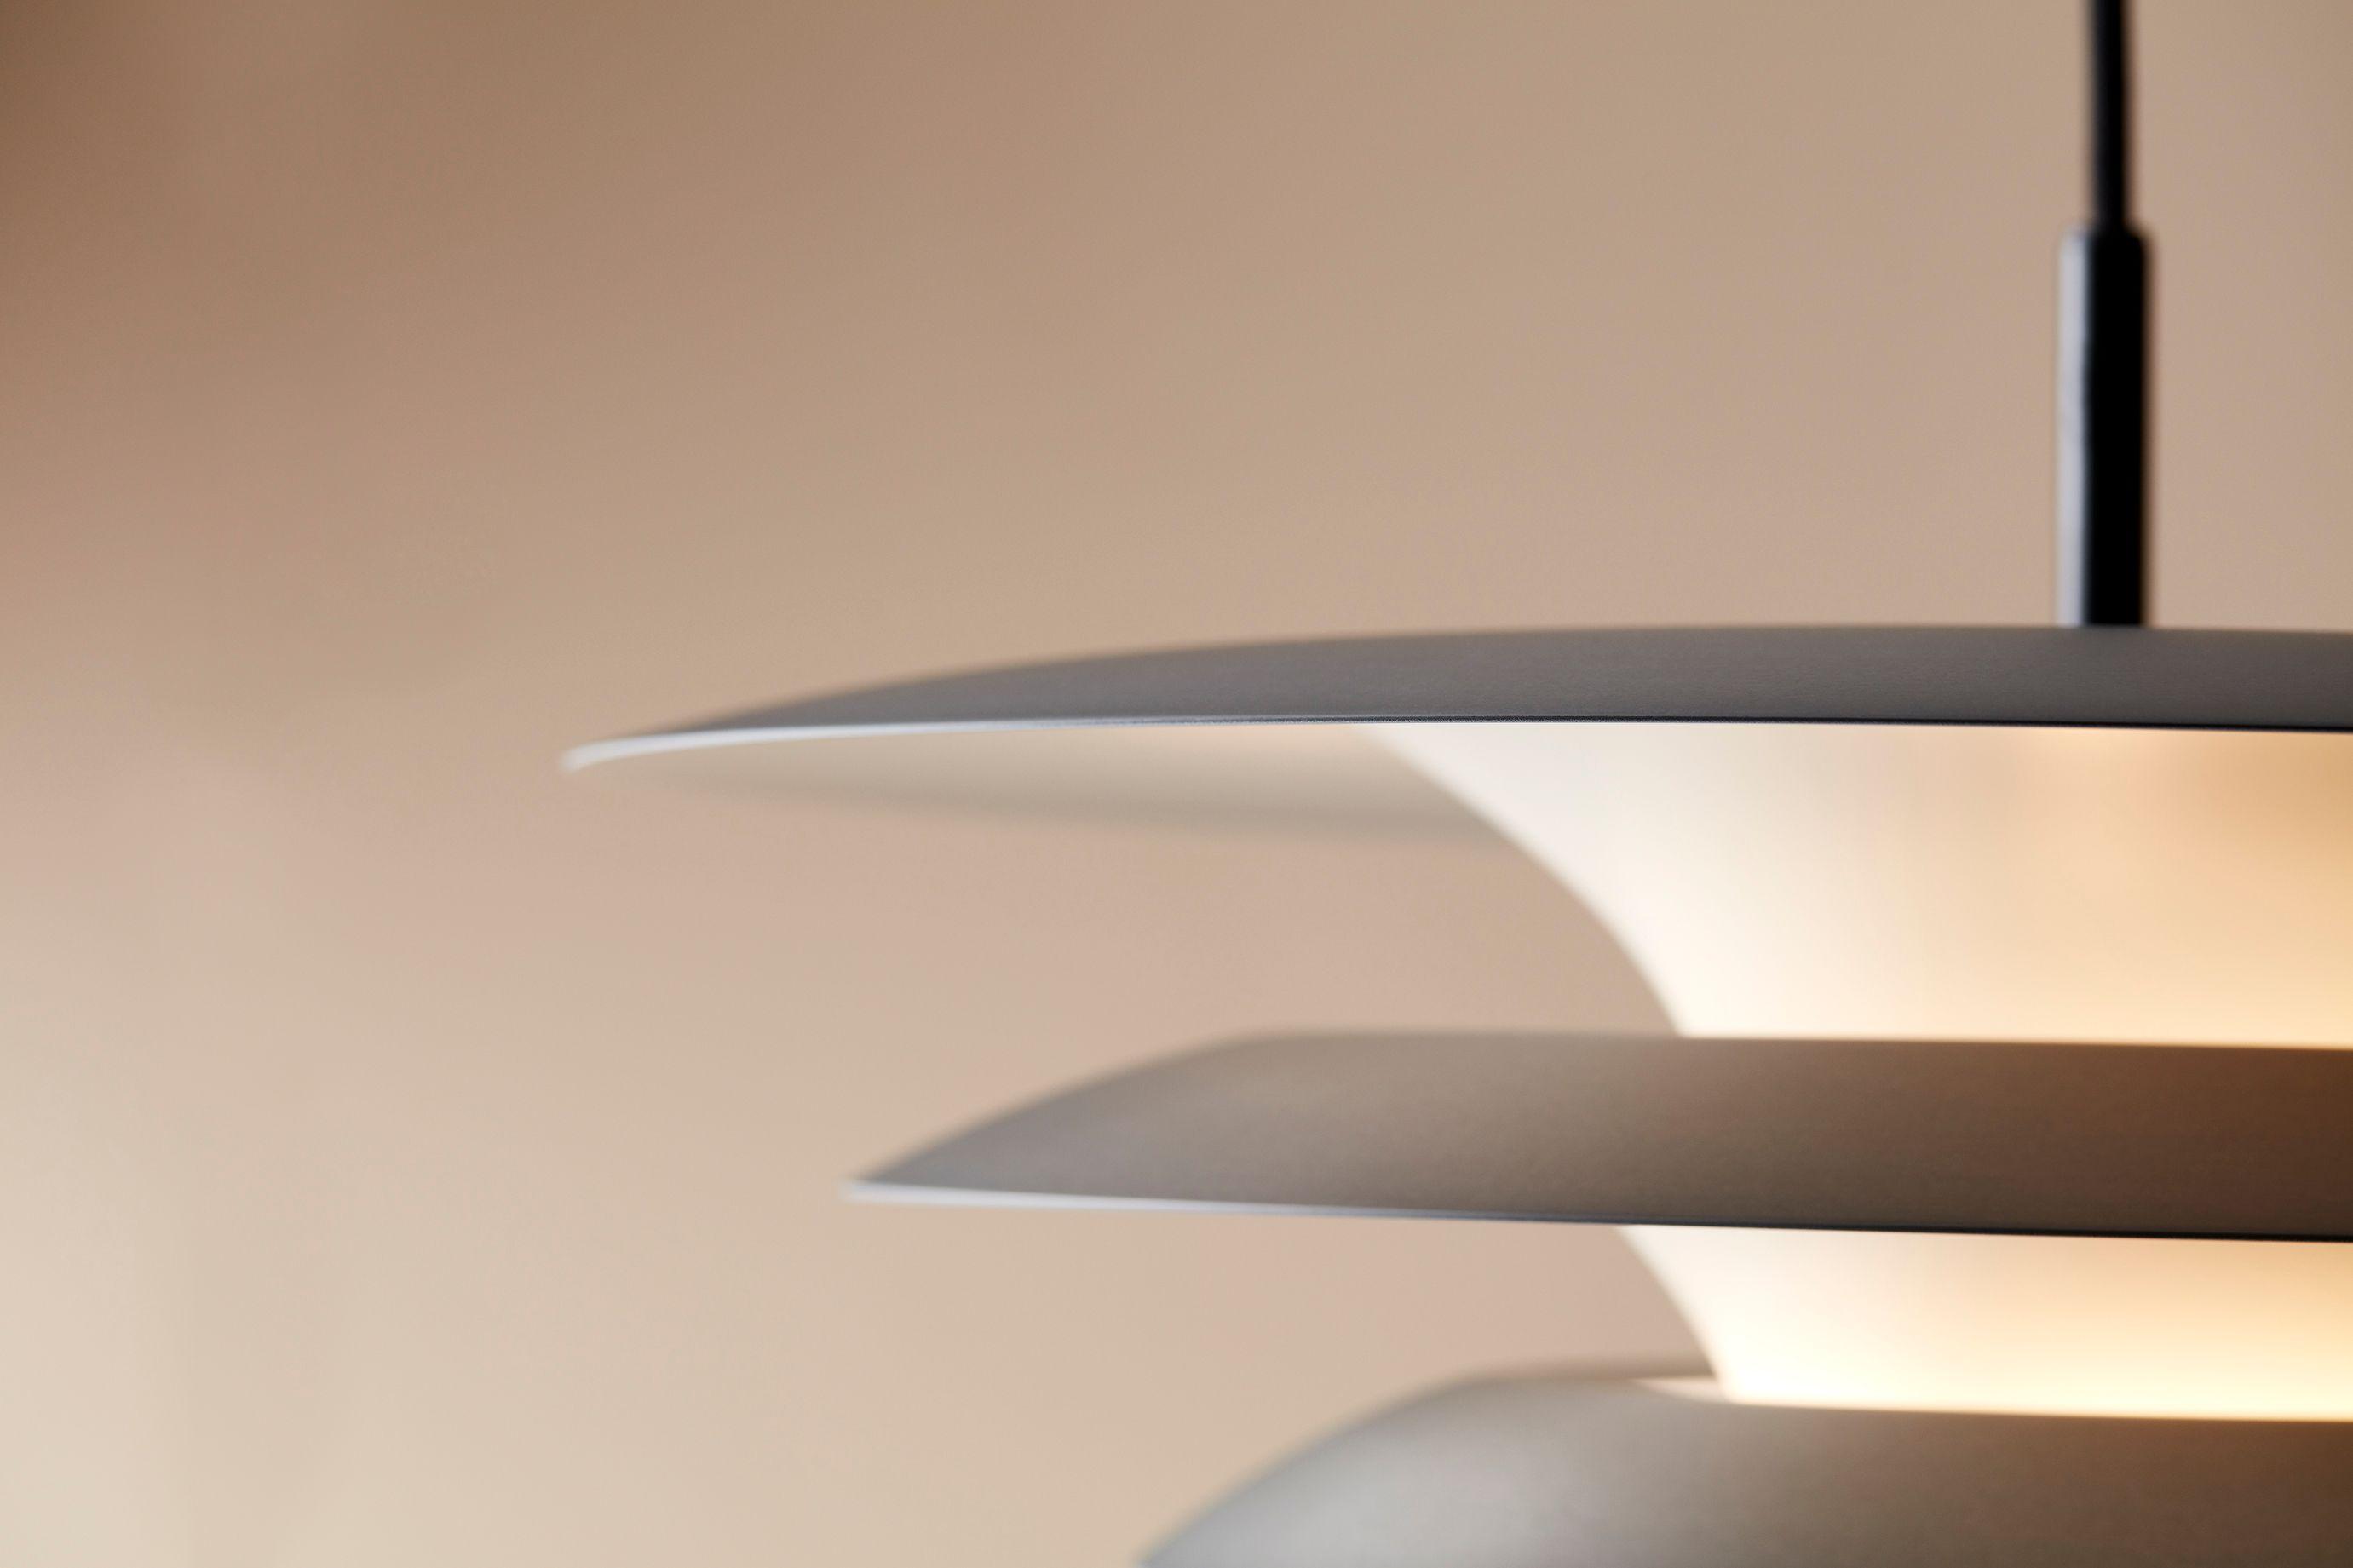 Detalj på lampskärm